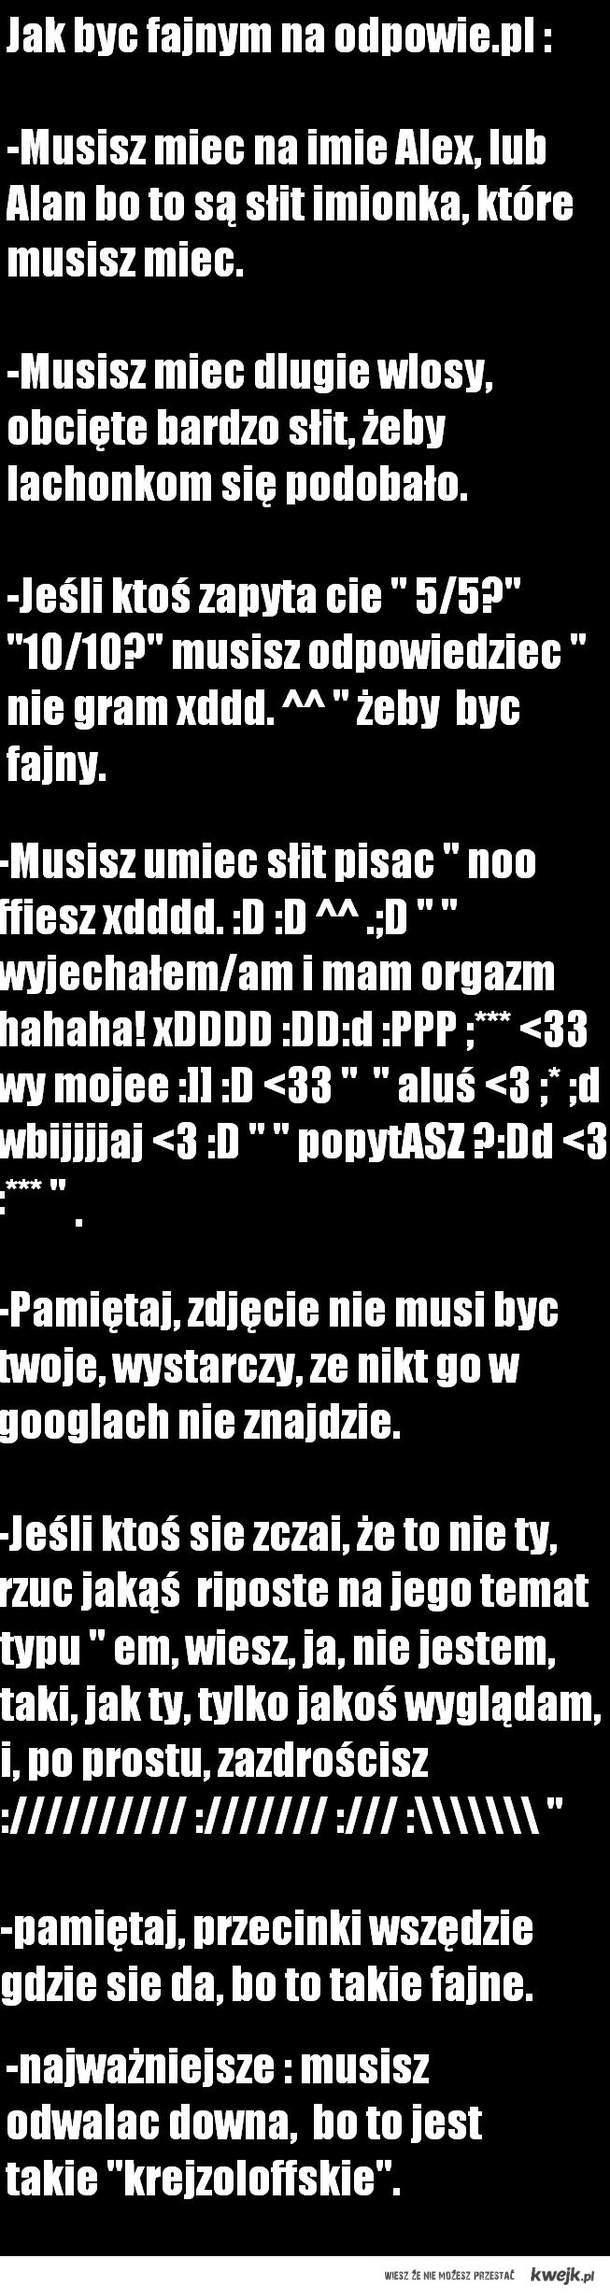 Jak byc fajnym na odpowie.pl